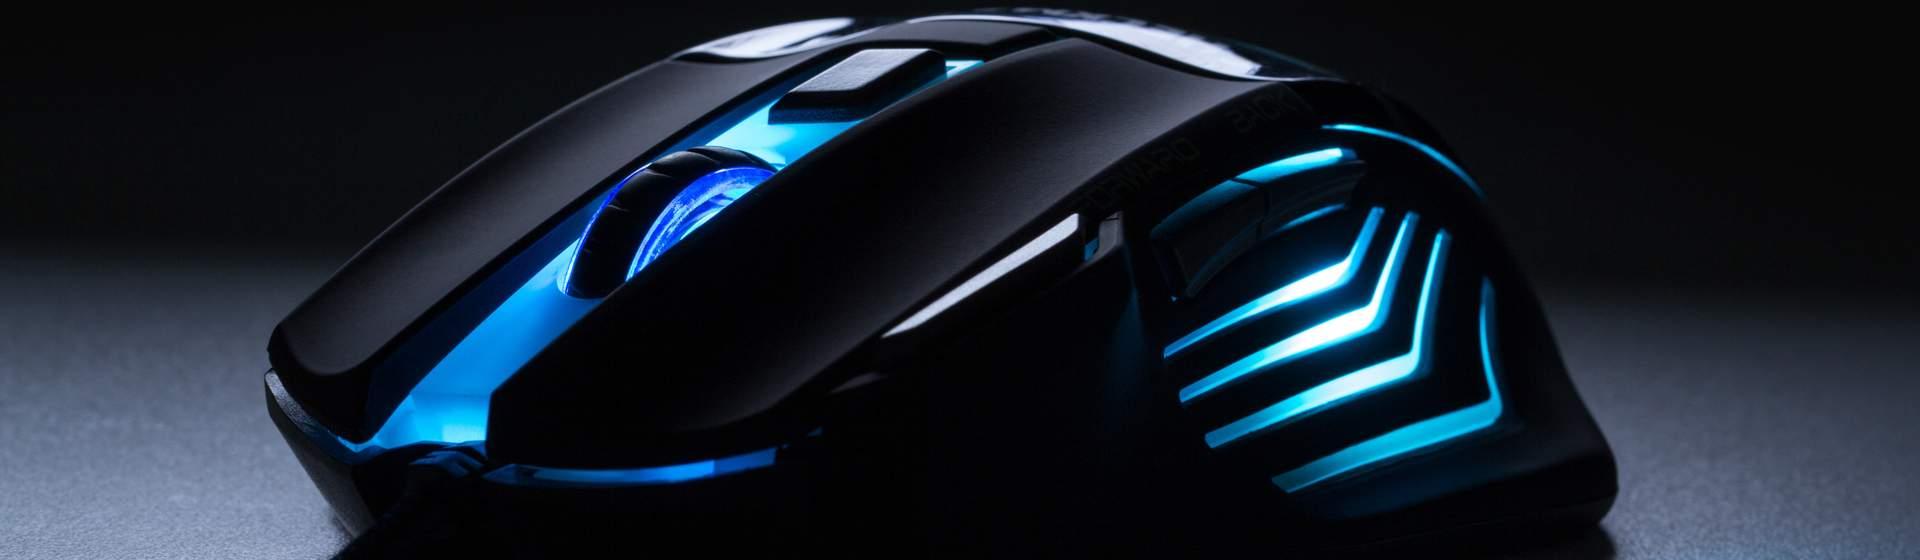 Mouse Gamer Barato: veja 9 modelos por menos de 150 reais